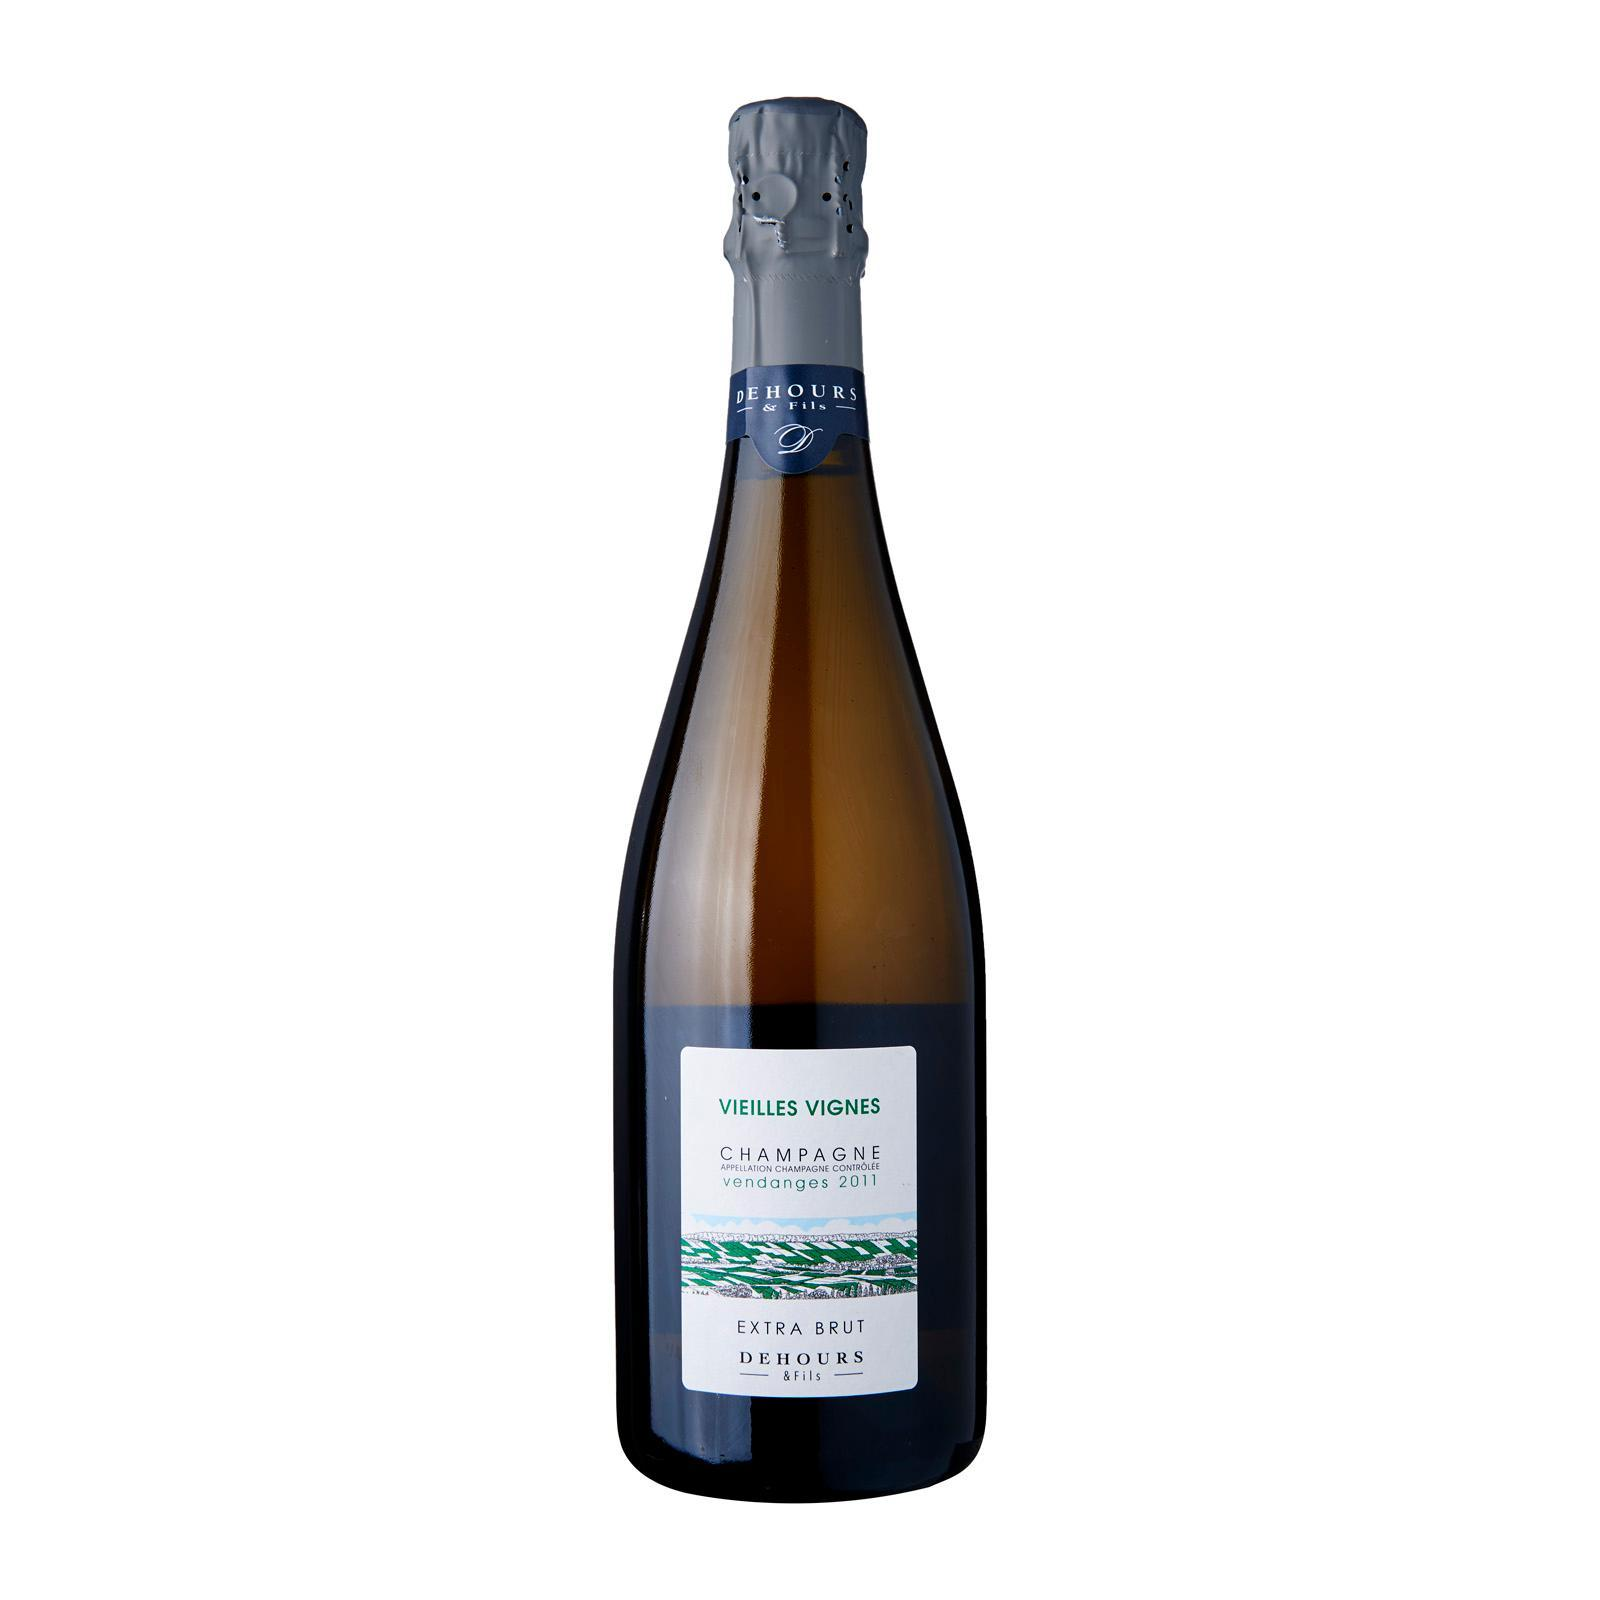 Dehours et Fils Vieilles Vignes 2011